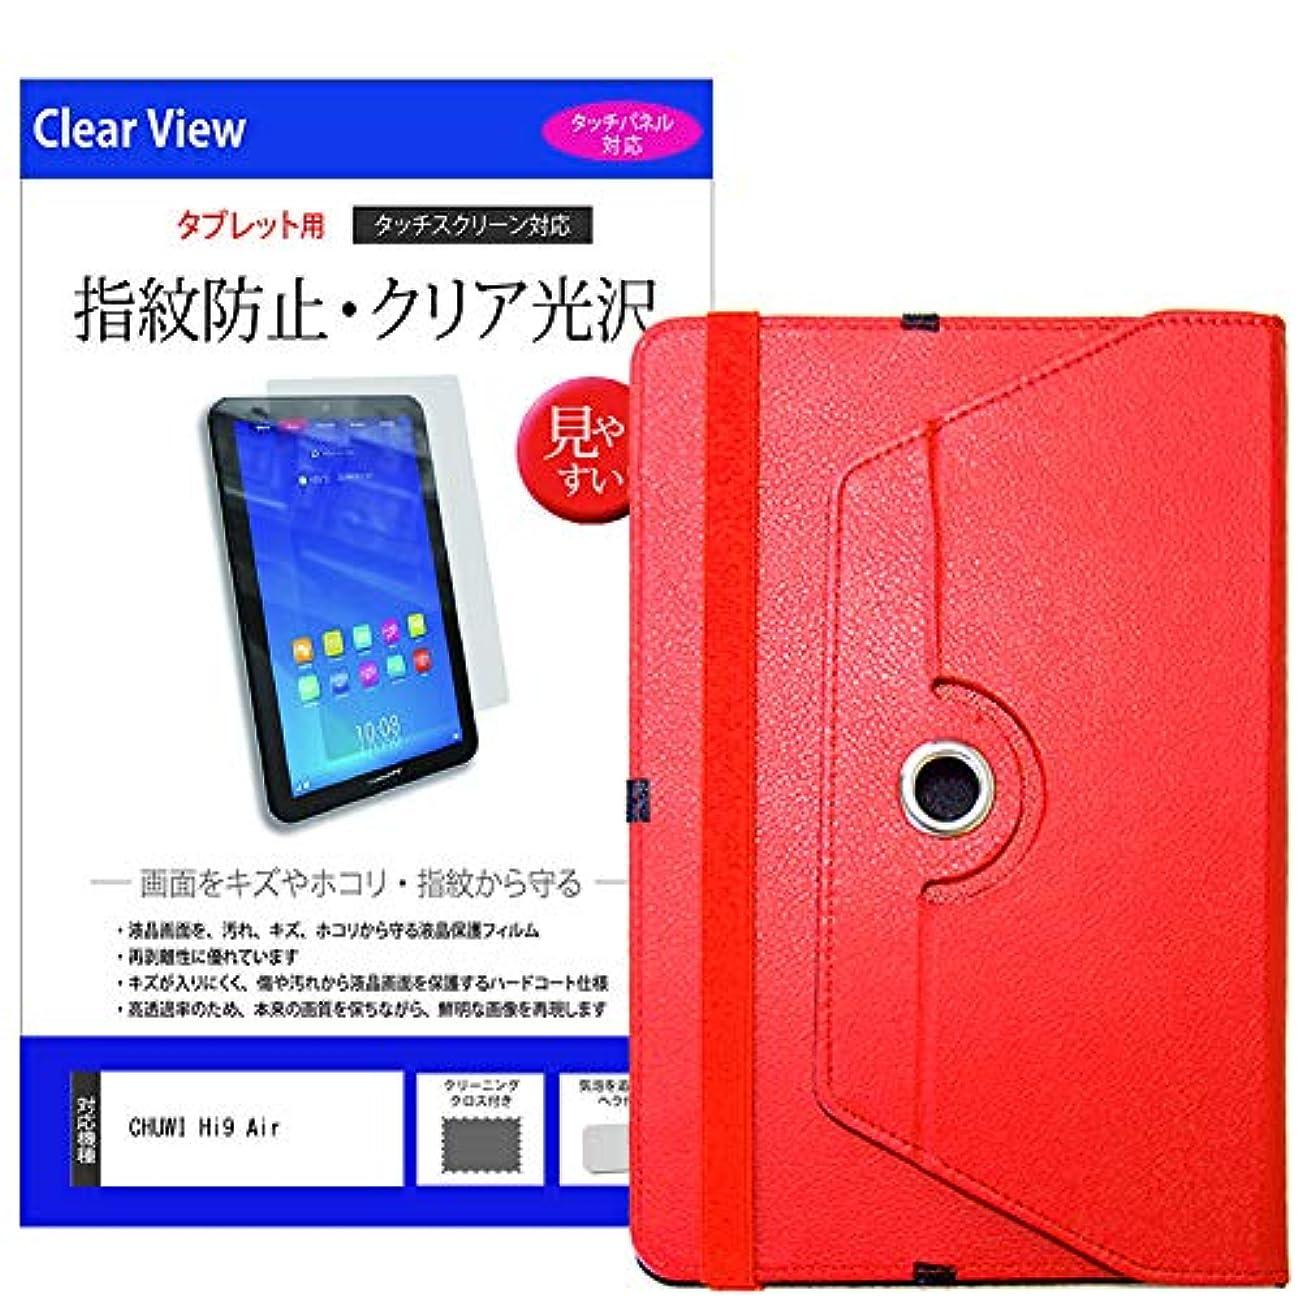 苦情文句事挑発するメディアカバーマーケット CHUWI Hi9 Air [10.1インチ(2560x1600)]機種で使える【360度回転スタンドレザーケース 赤 と 指紋防止 クリア光沢 液晶保護フィルム のセット】